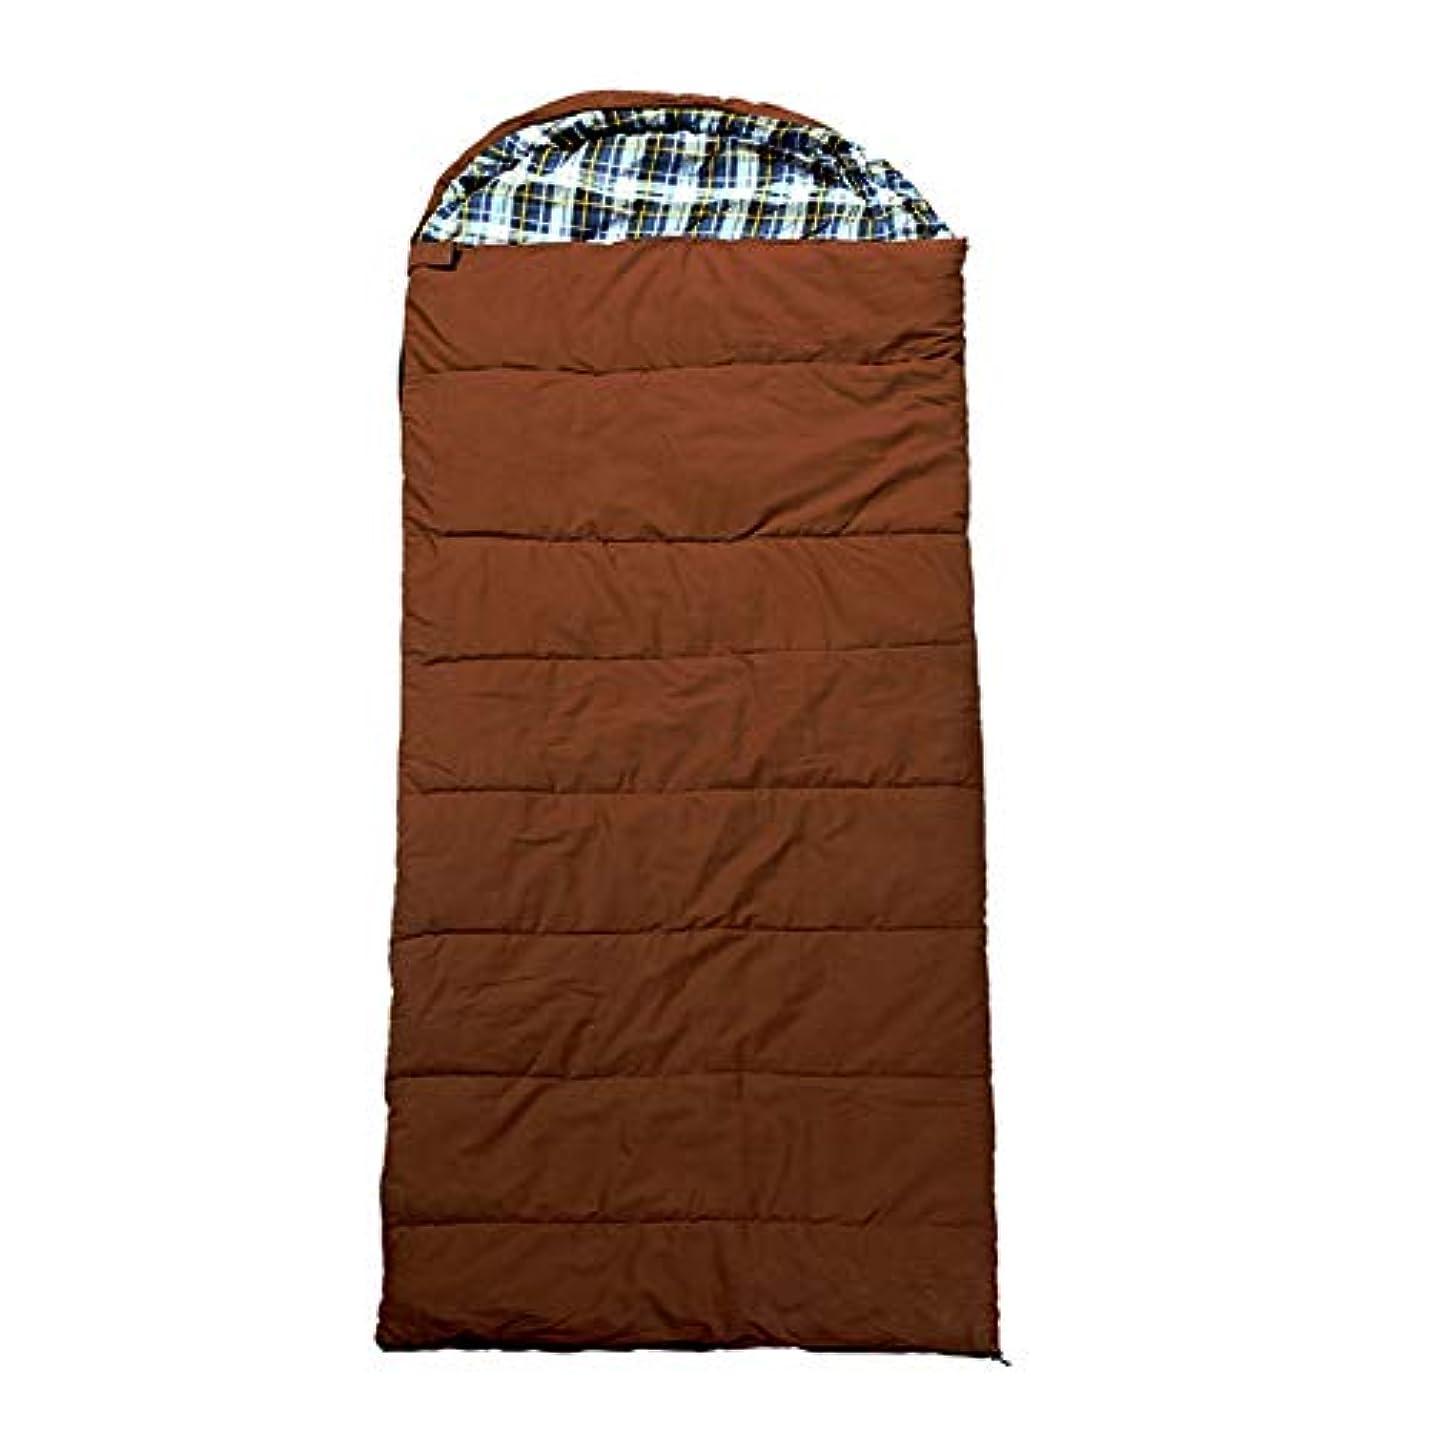 鋼亡命子音Durable,breathable,comfortableキャンプスリーピングバッグ、ポータブル軽量封筒睡眠袋大人屋外暖かい睡眠サックキャンバス中空綿通気性スリーピングパッド,brown,235*80cm